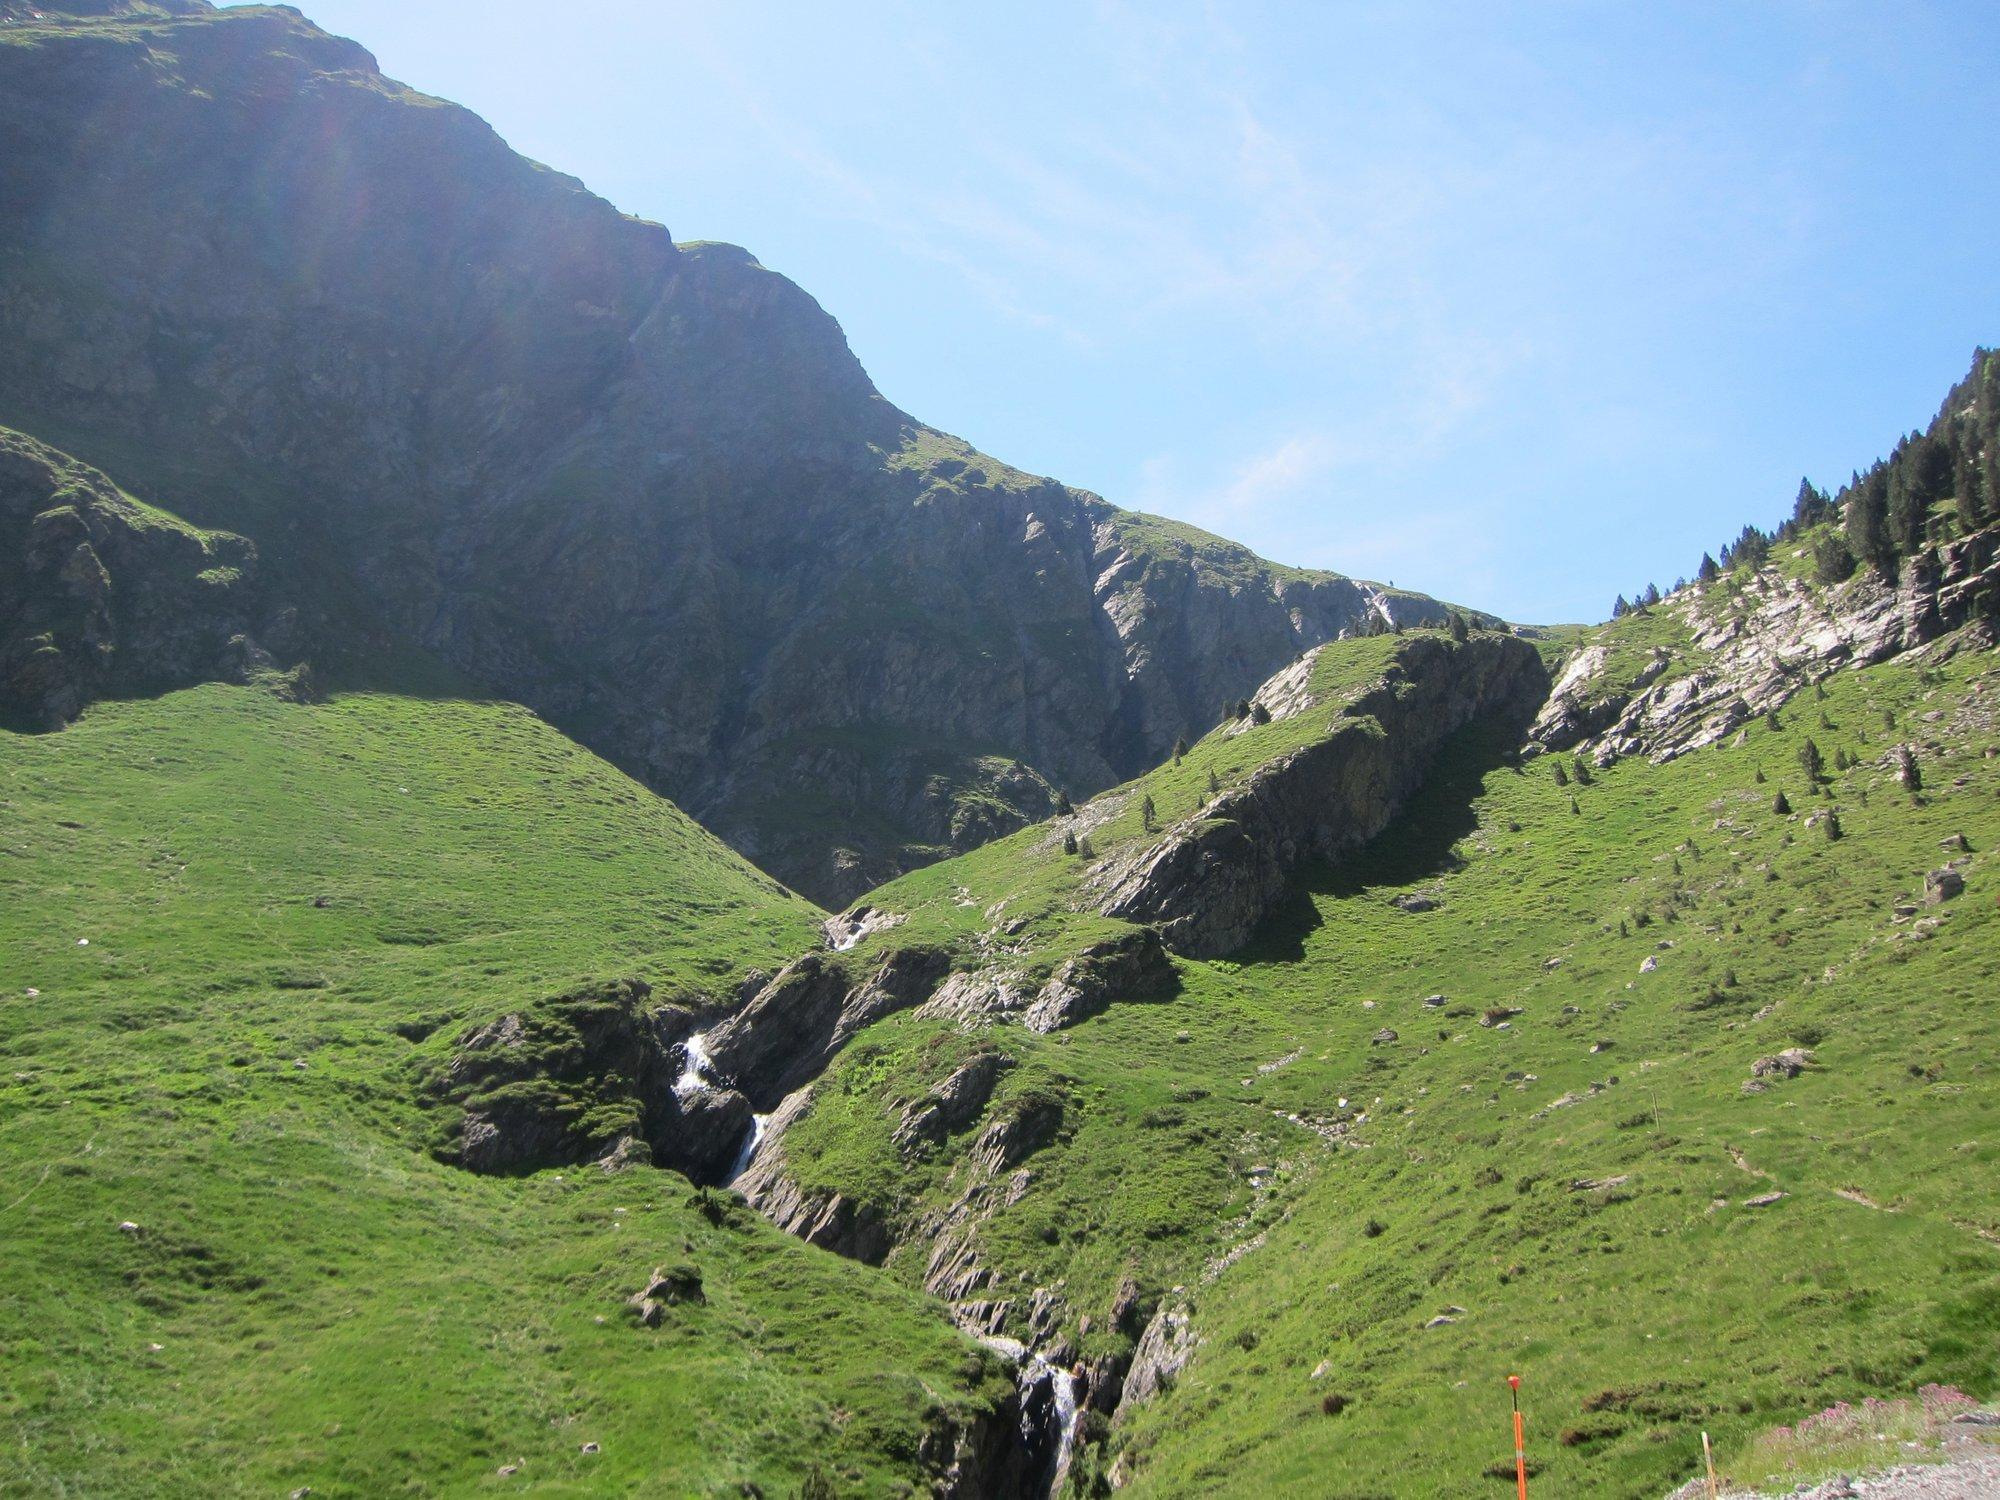 Si estoy en la montaña y un compañero se rompe una pierna, ¿qué hago?